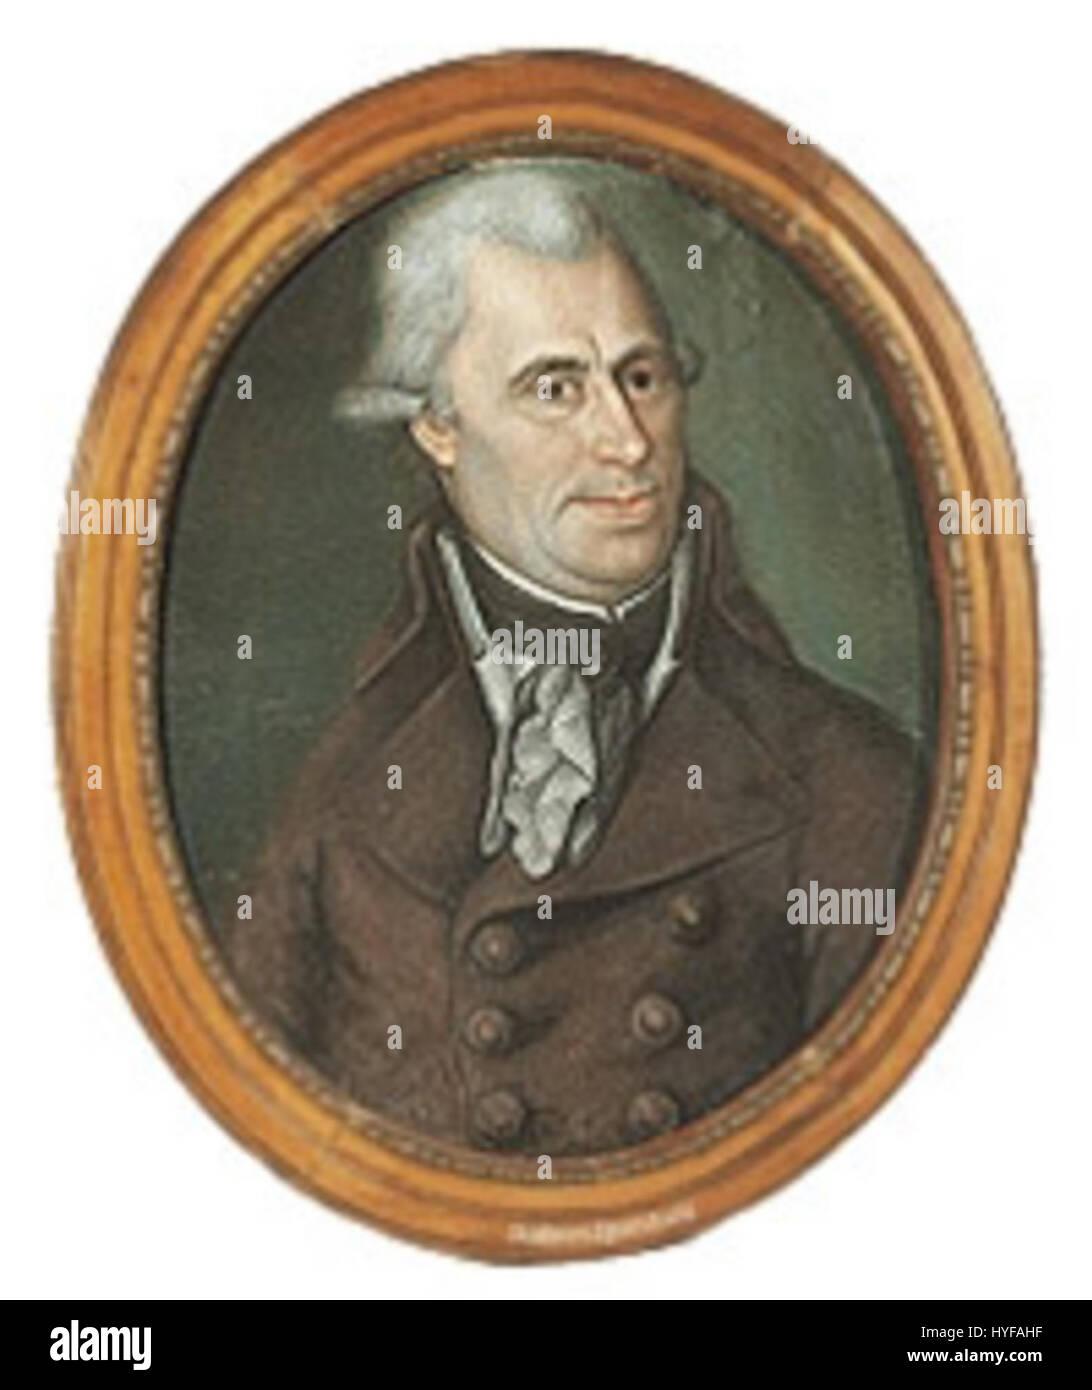 Gideon Sponholz (1745 1807) - Stock Image